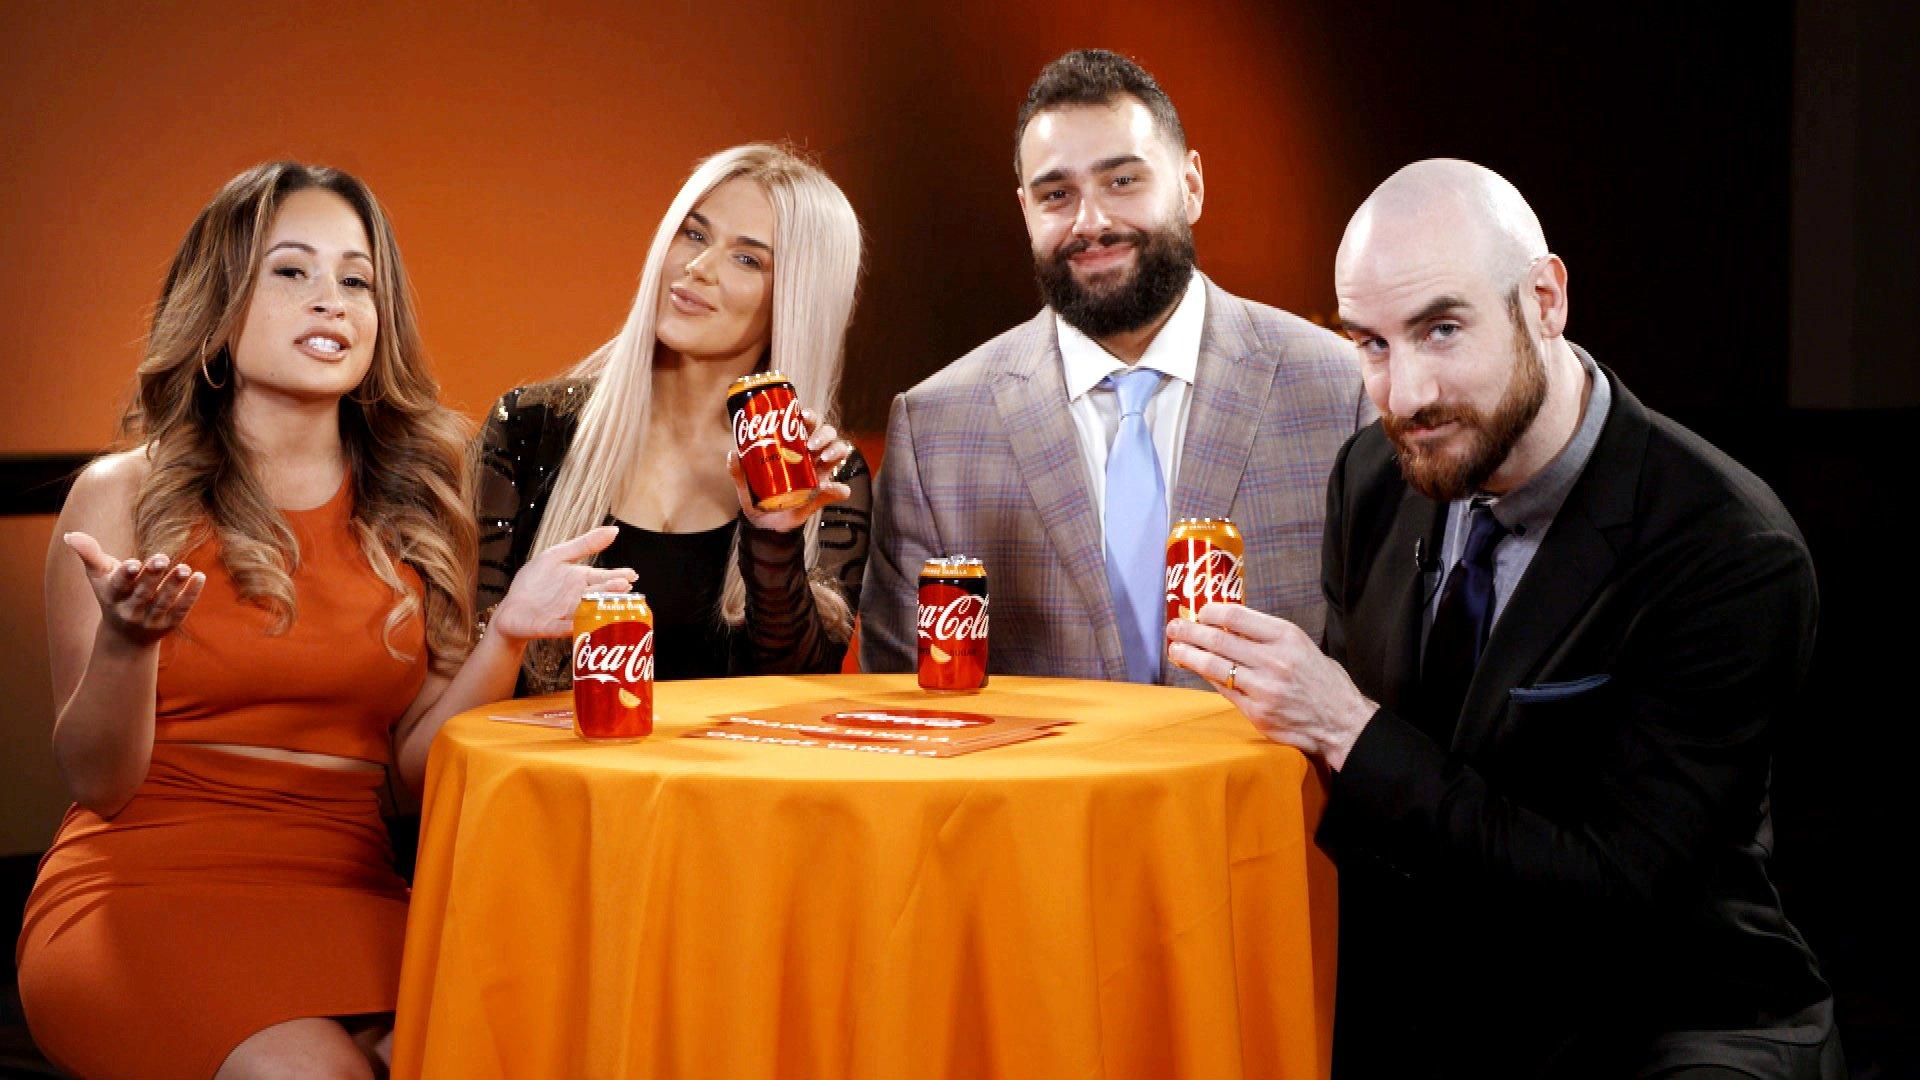 Rusev Day réunis pour parler de leurs équipes préférées: WWE and Orange Vanilla Coke Perfect Pairings